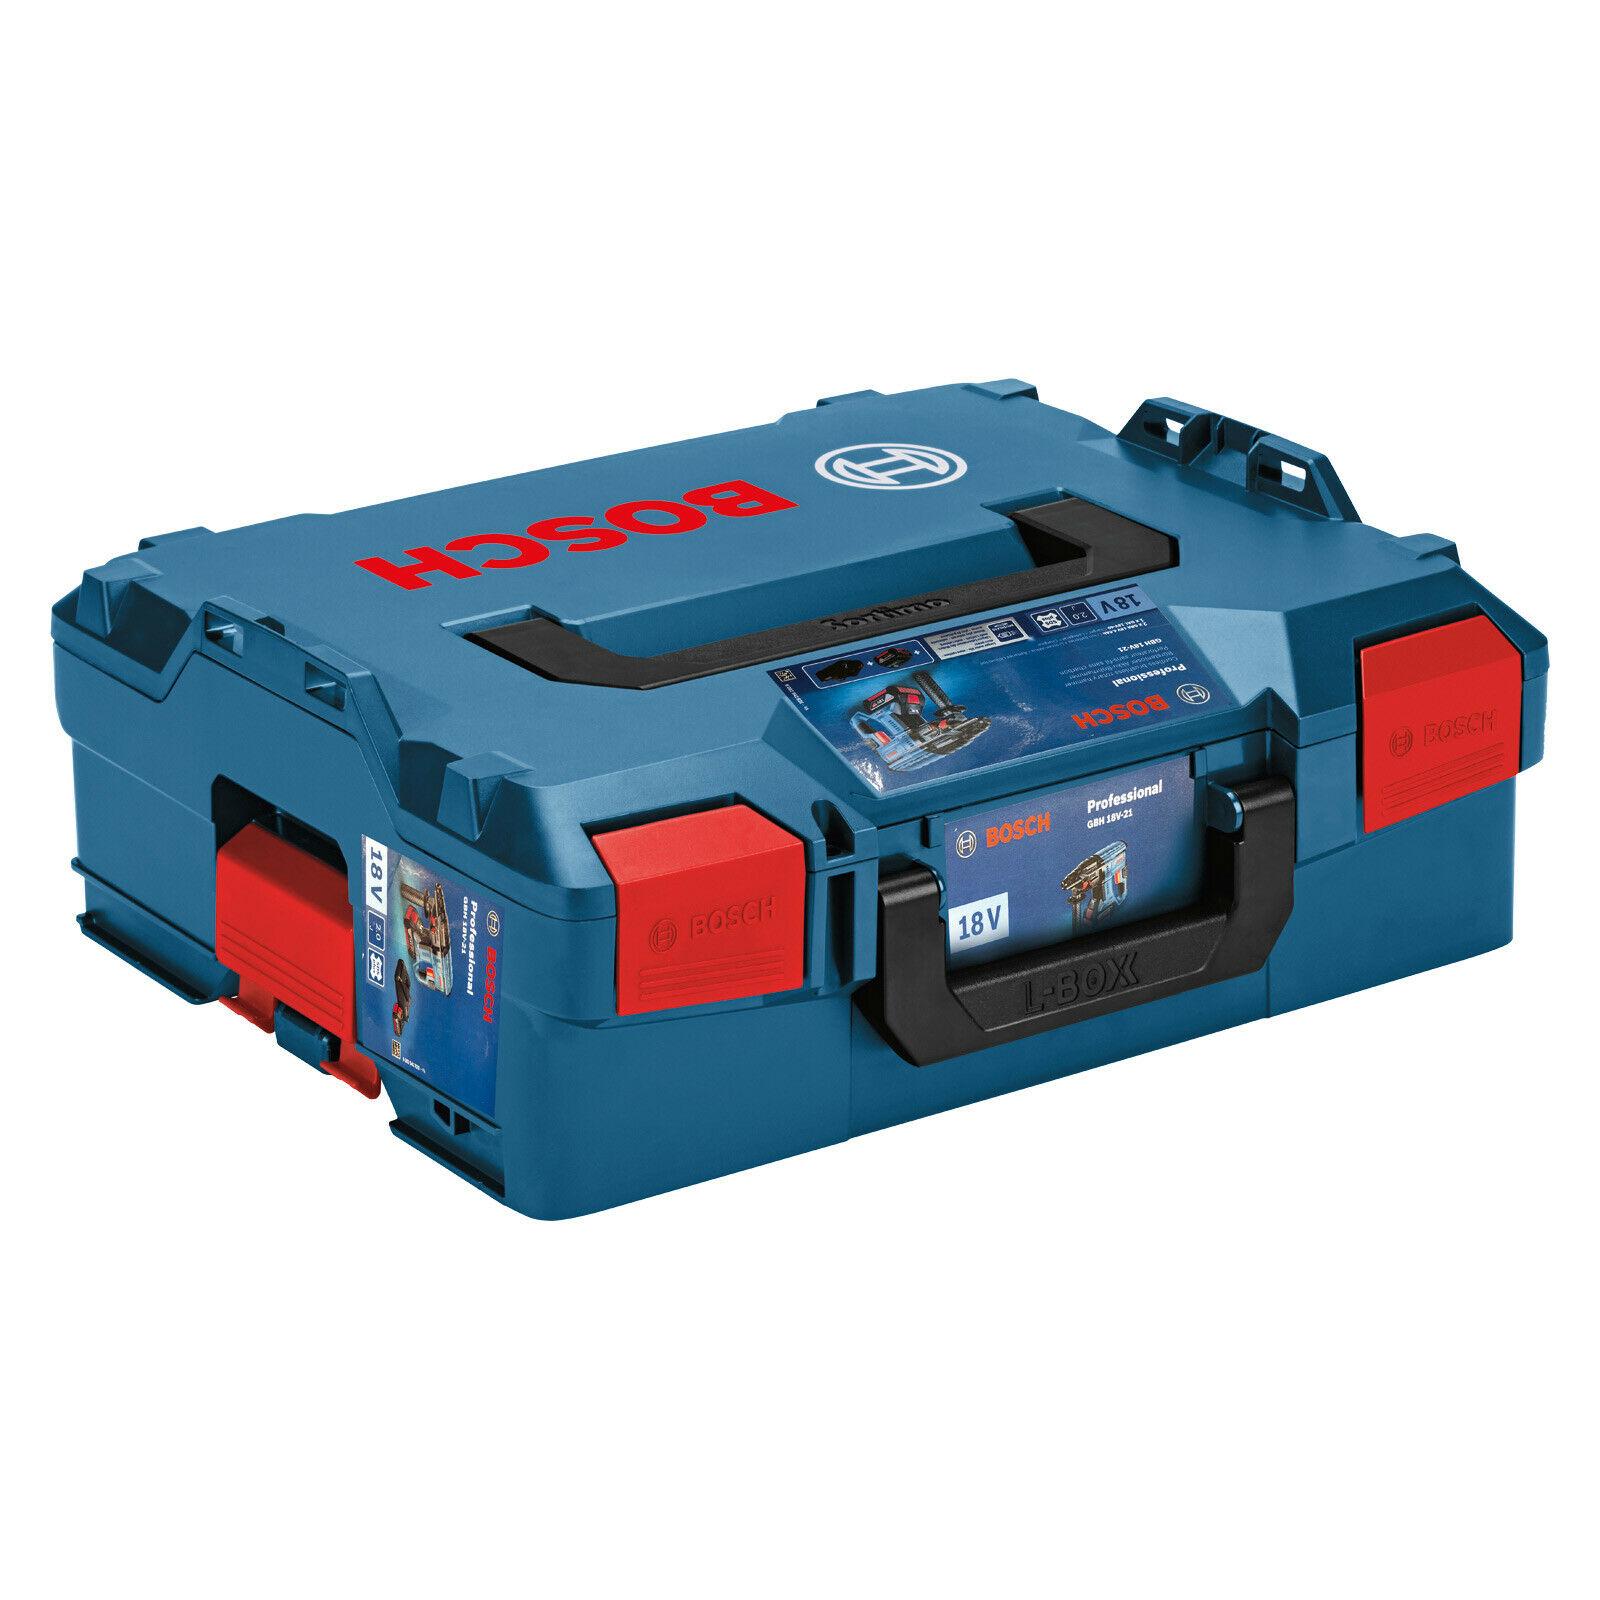 Bild zu Bosch L-Boxx 136 Professional für 26,90€ (Vergleich: 32,28€)